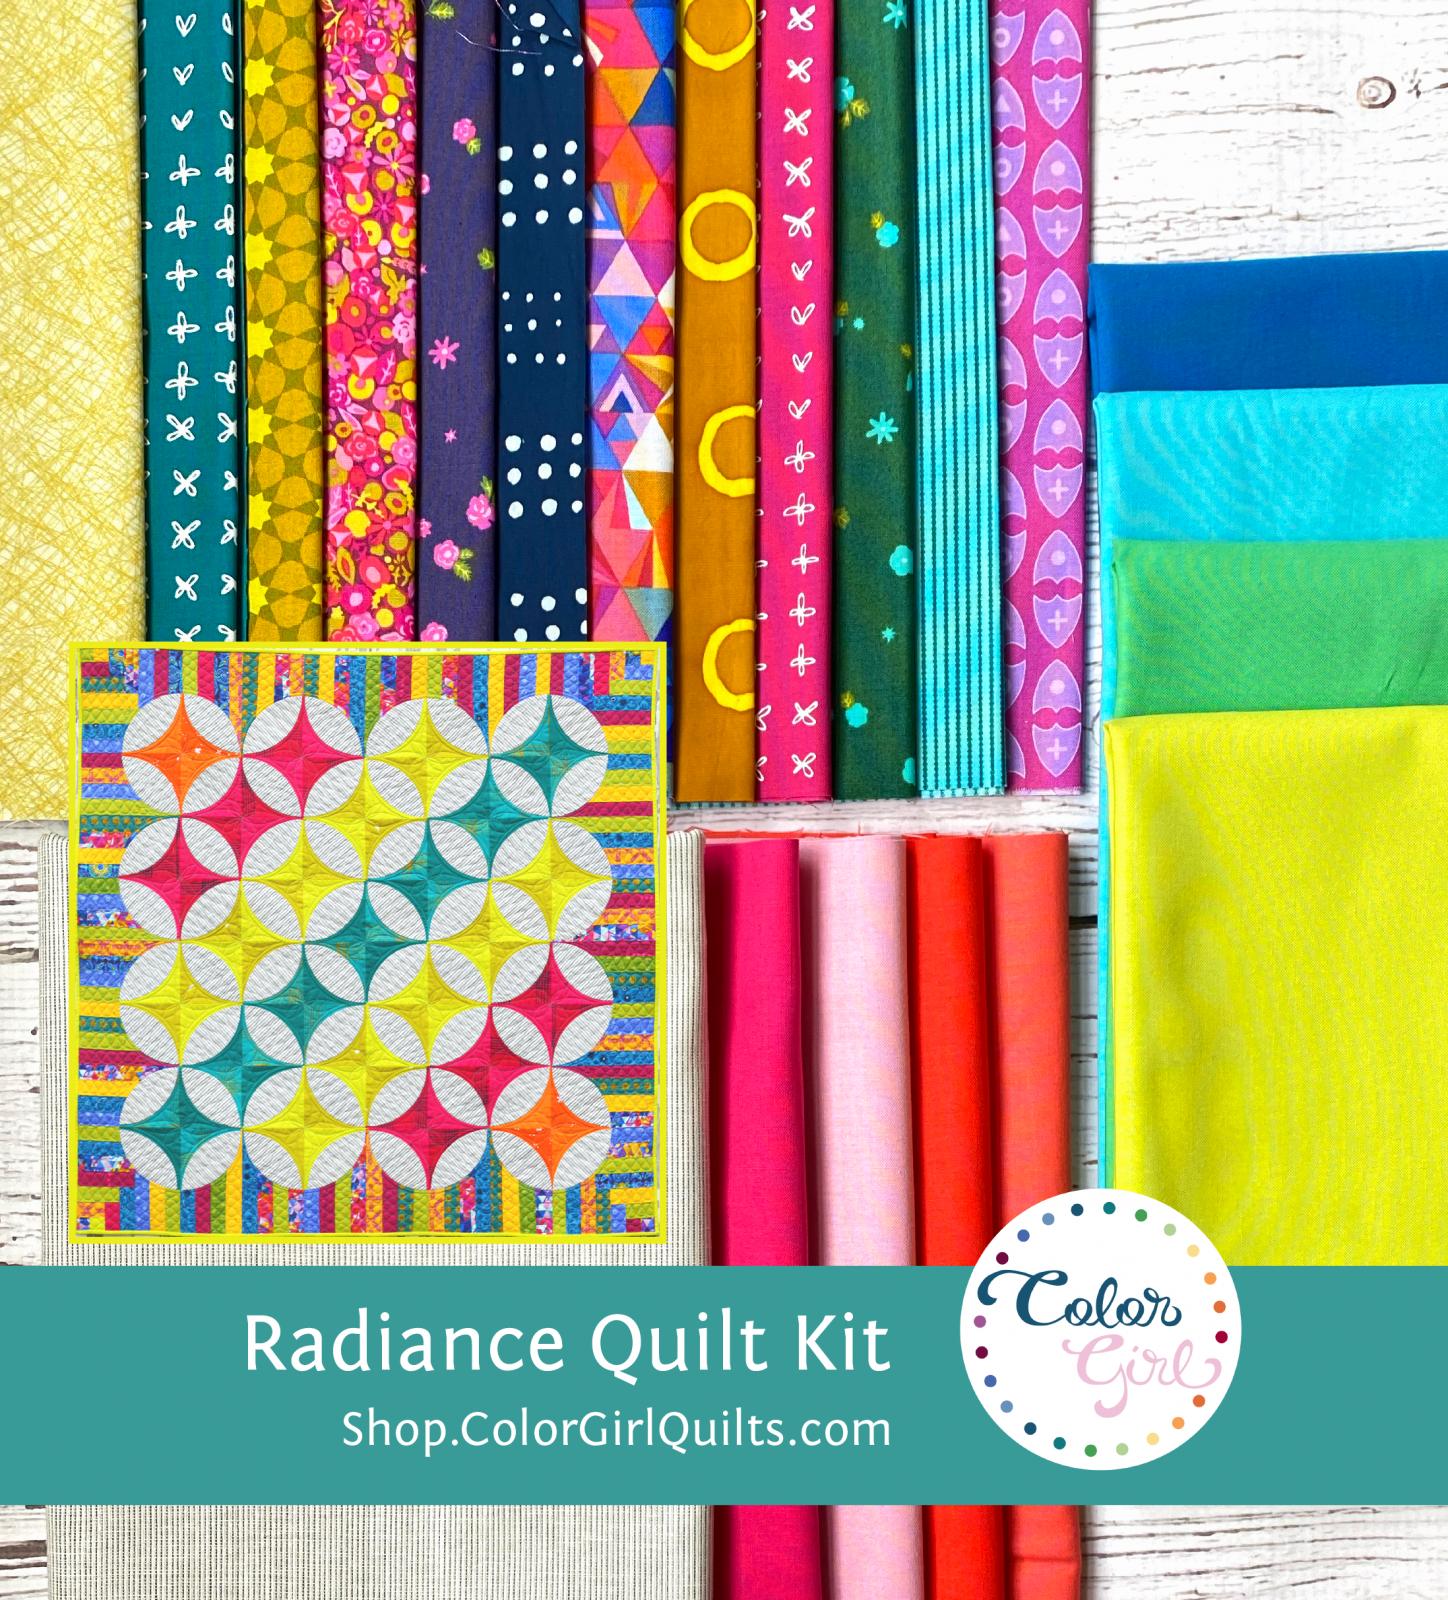 Radiance Quilt Kit